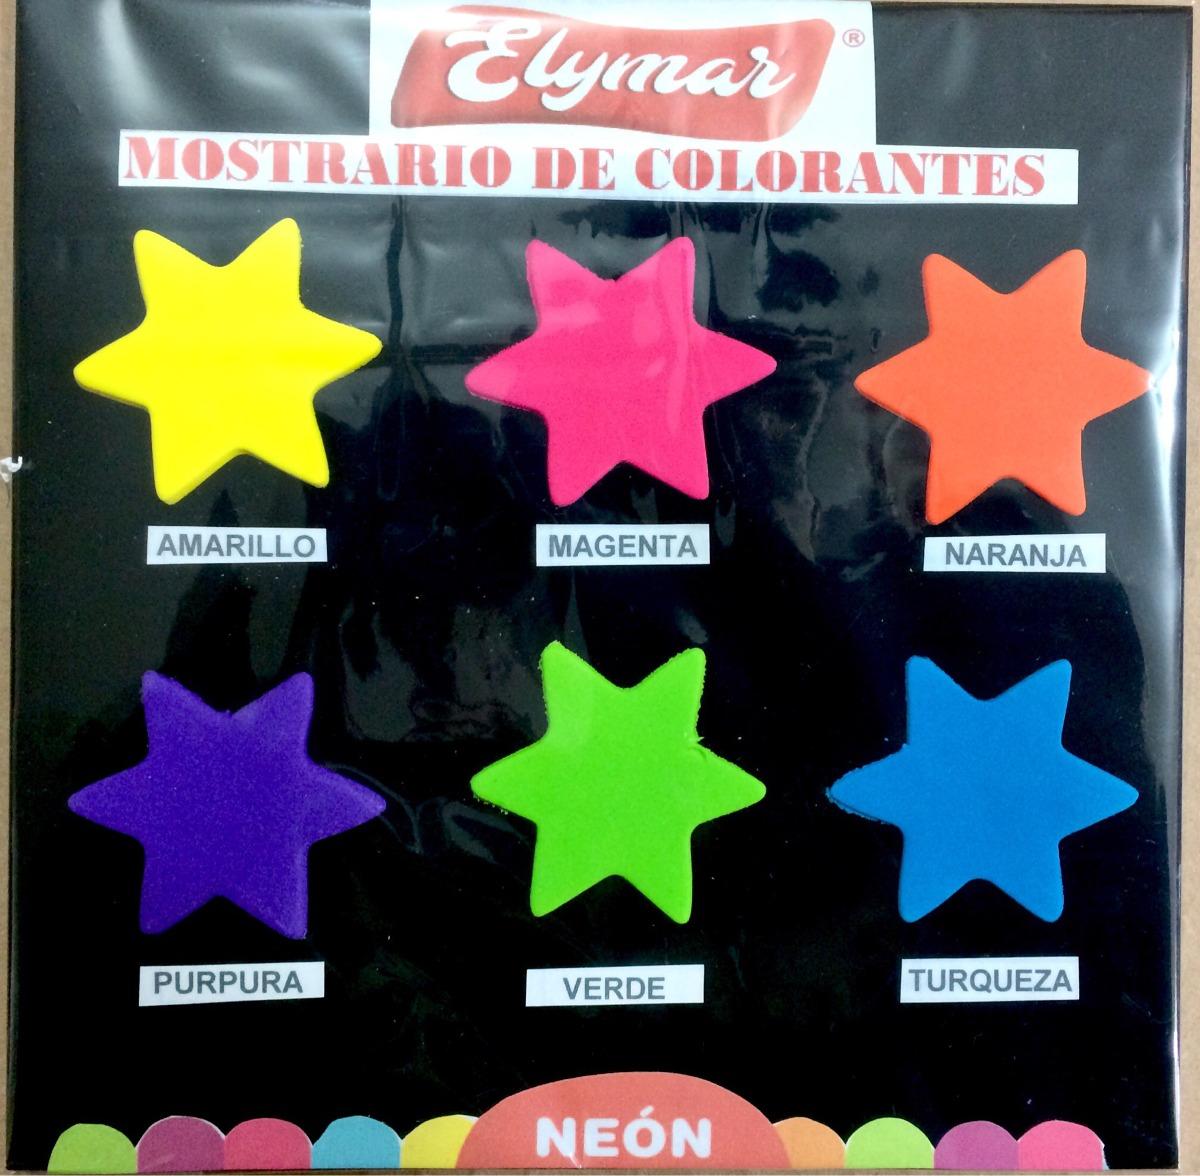 Colorantes Neón En Gel - Elymar - S/ 30,00 en Mercado Libre